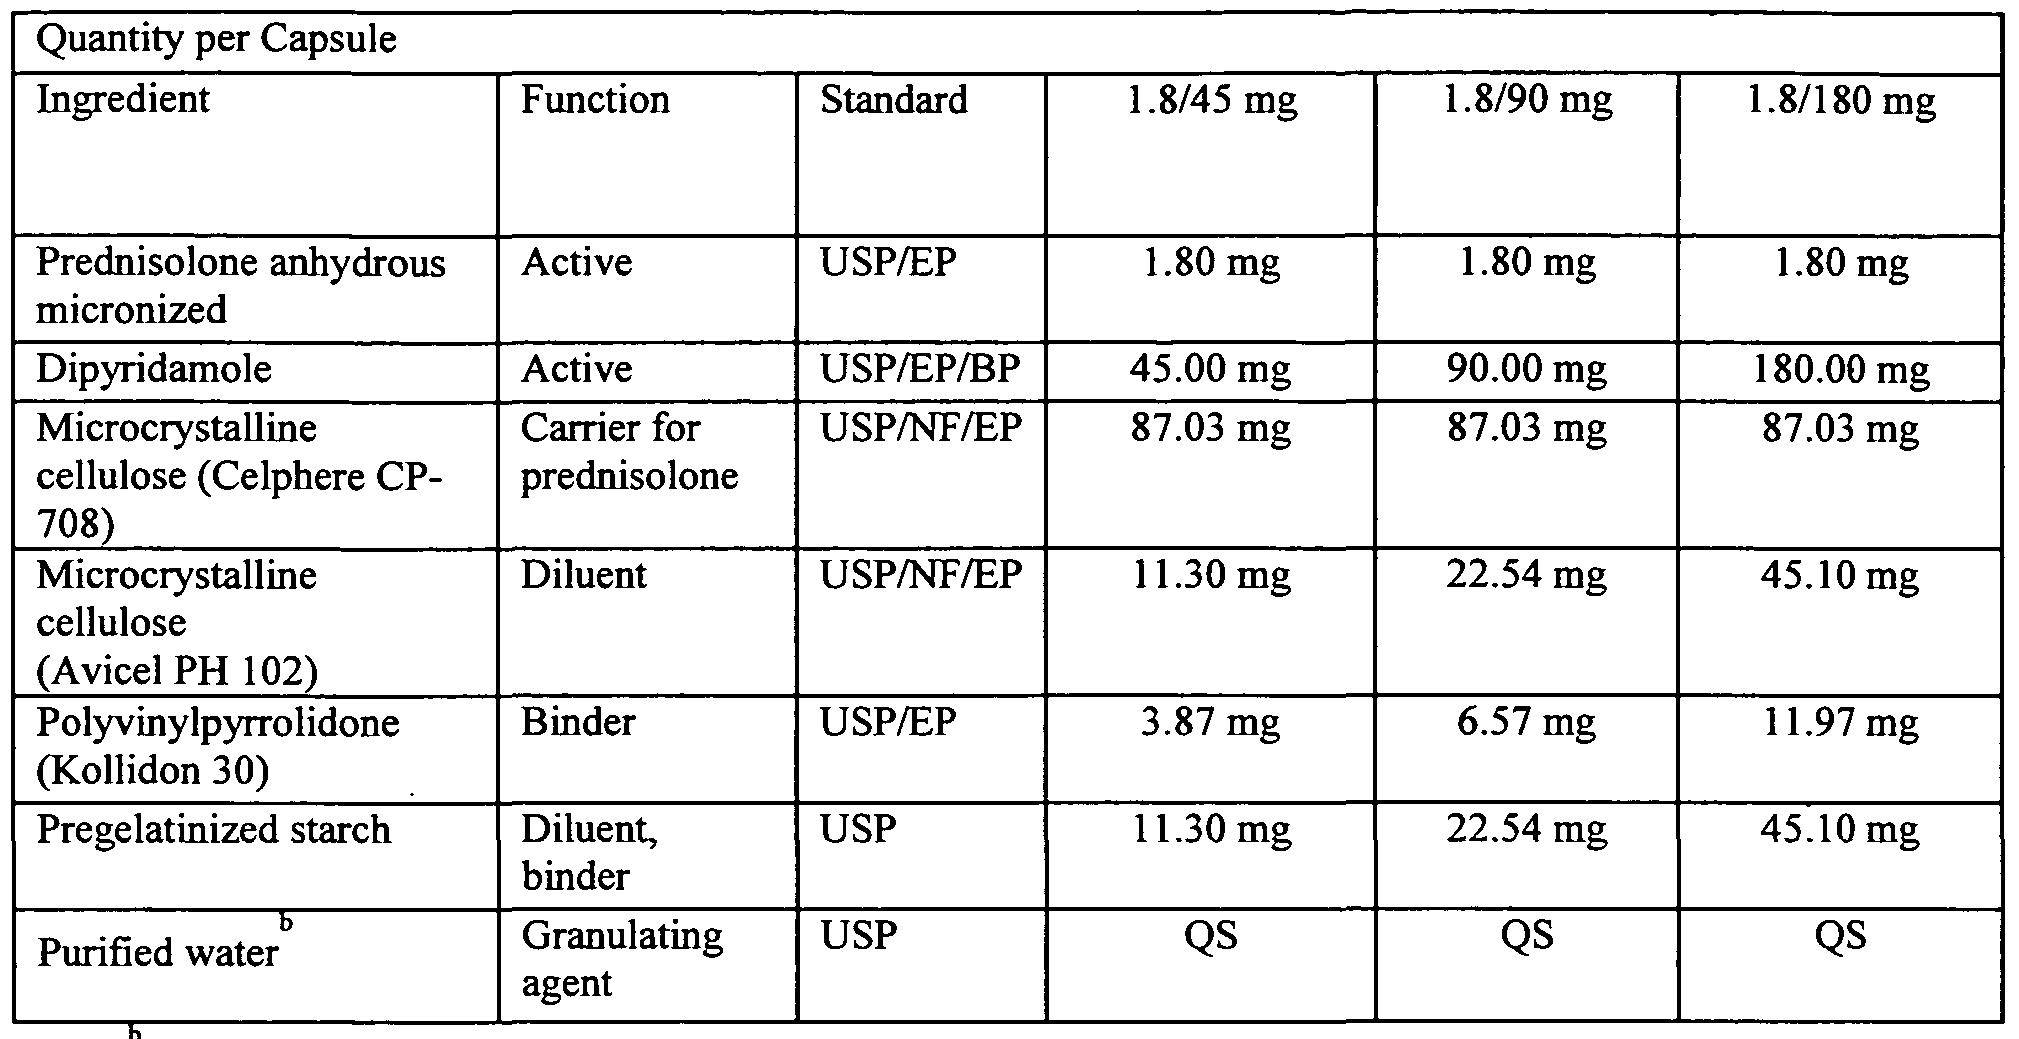 Prednisone 25 mg.doc - Figure Imgf000019_0001